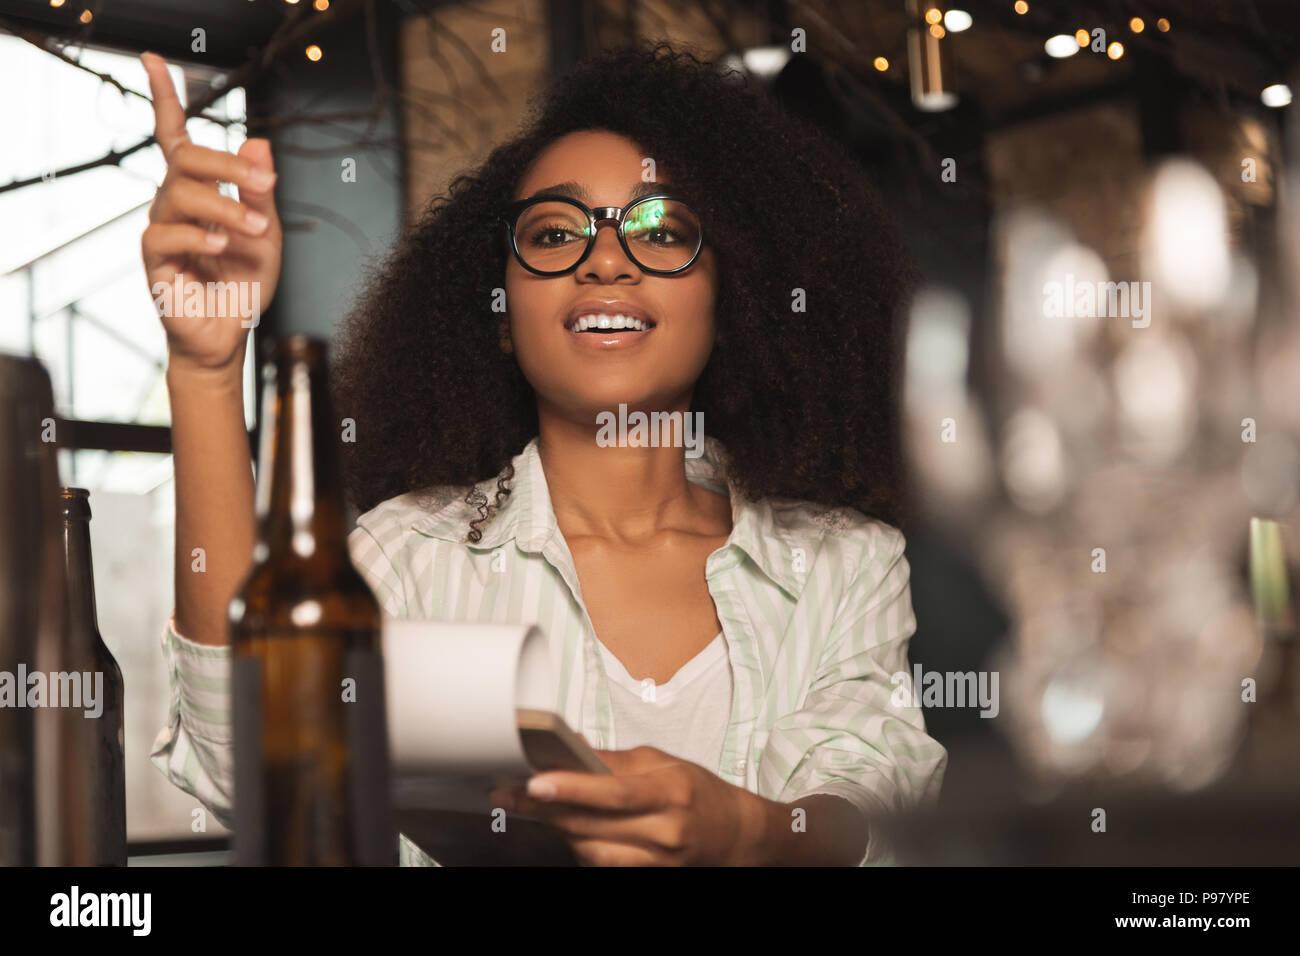 Upbeat curly donna ponendo fine al bar Immagini Stock